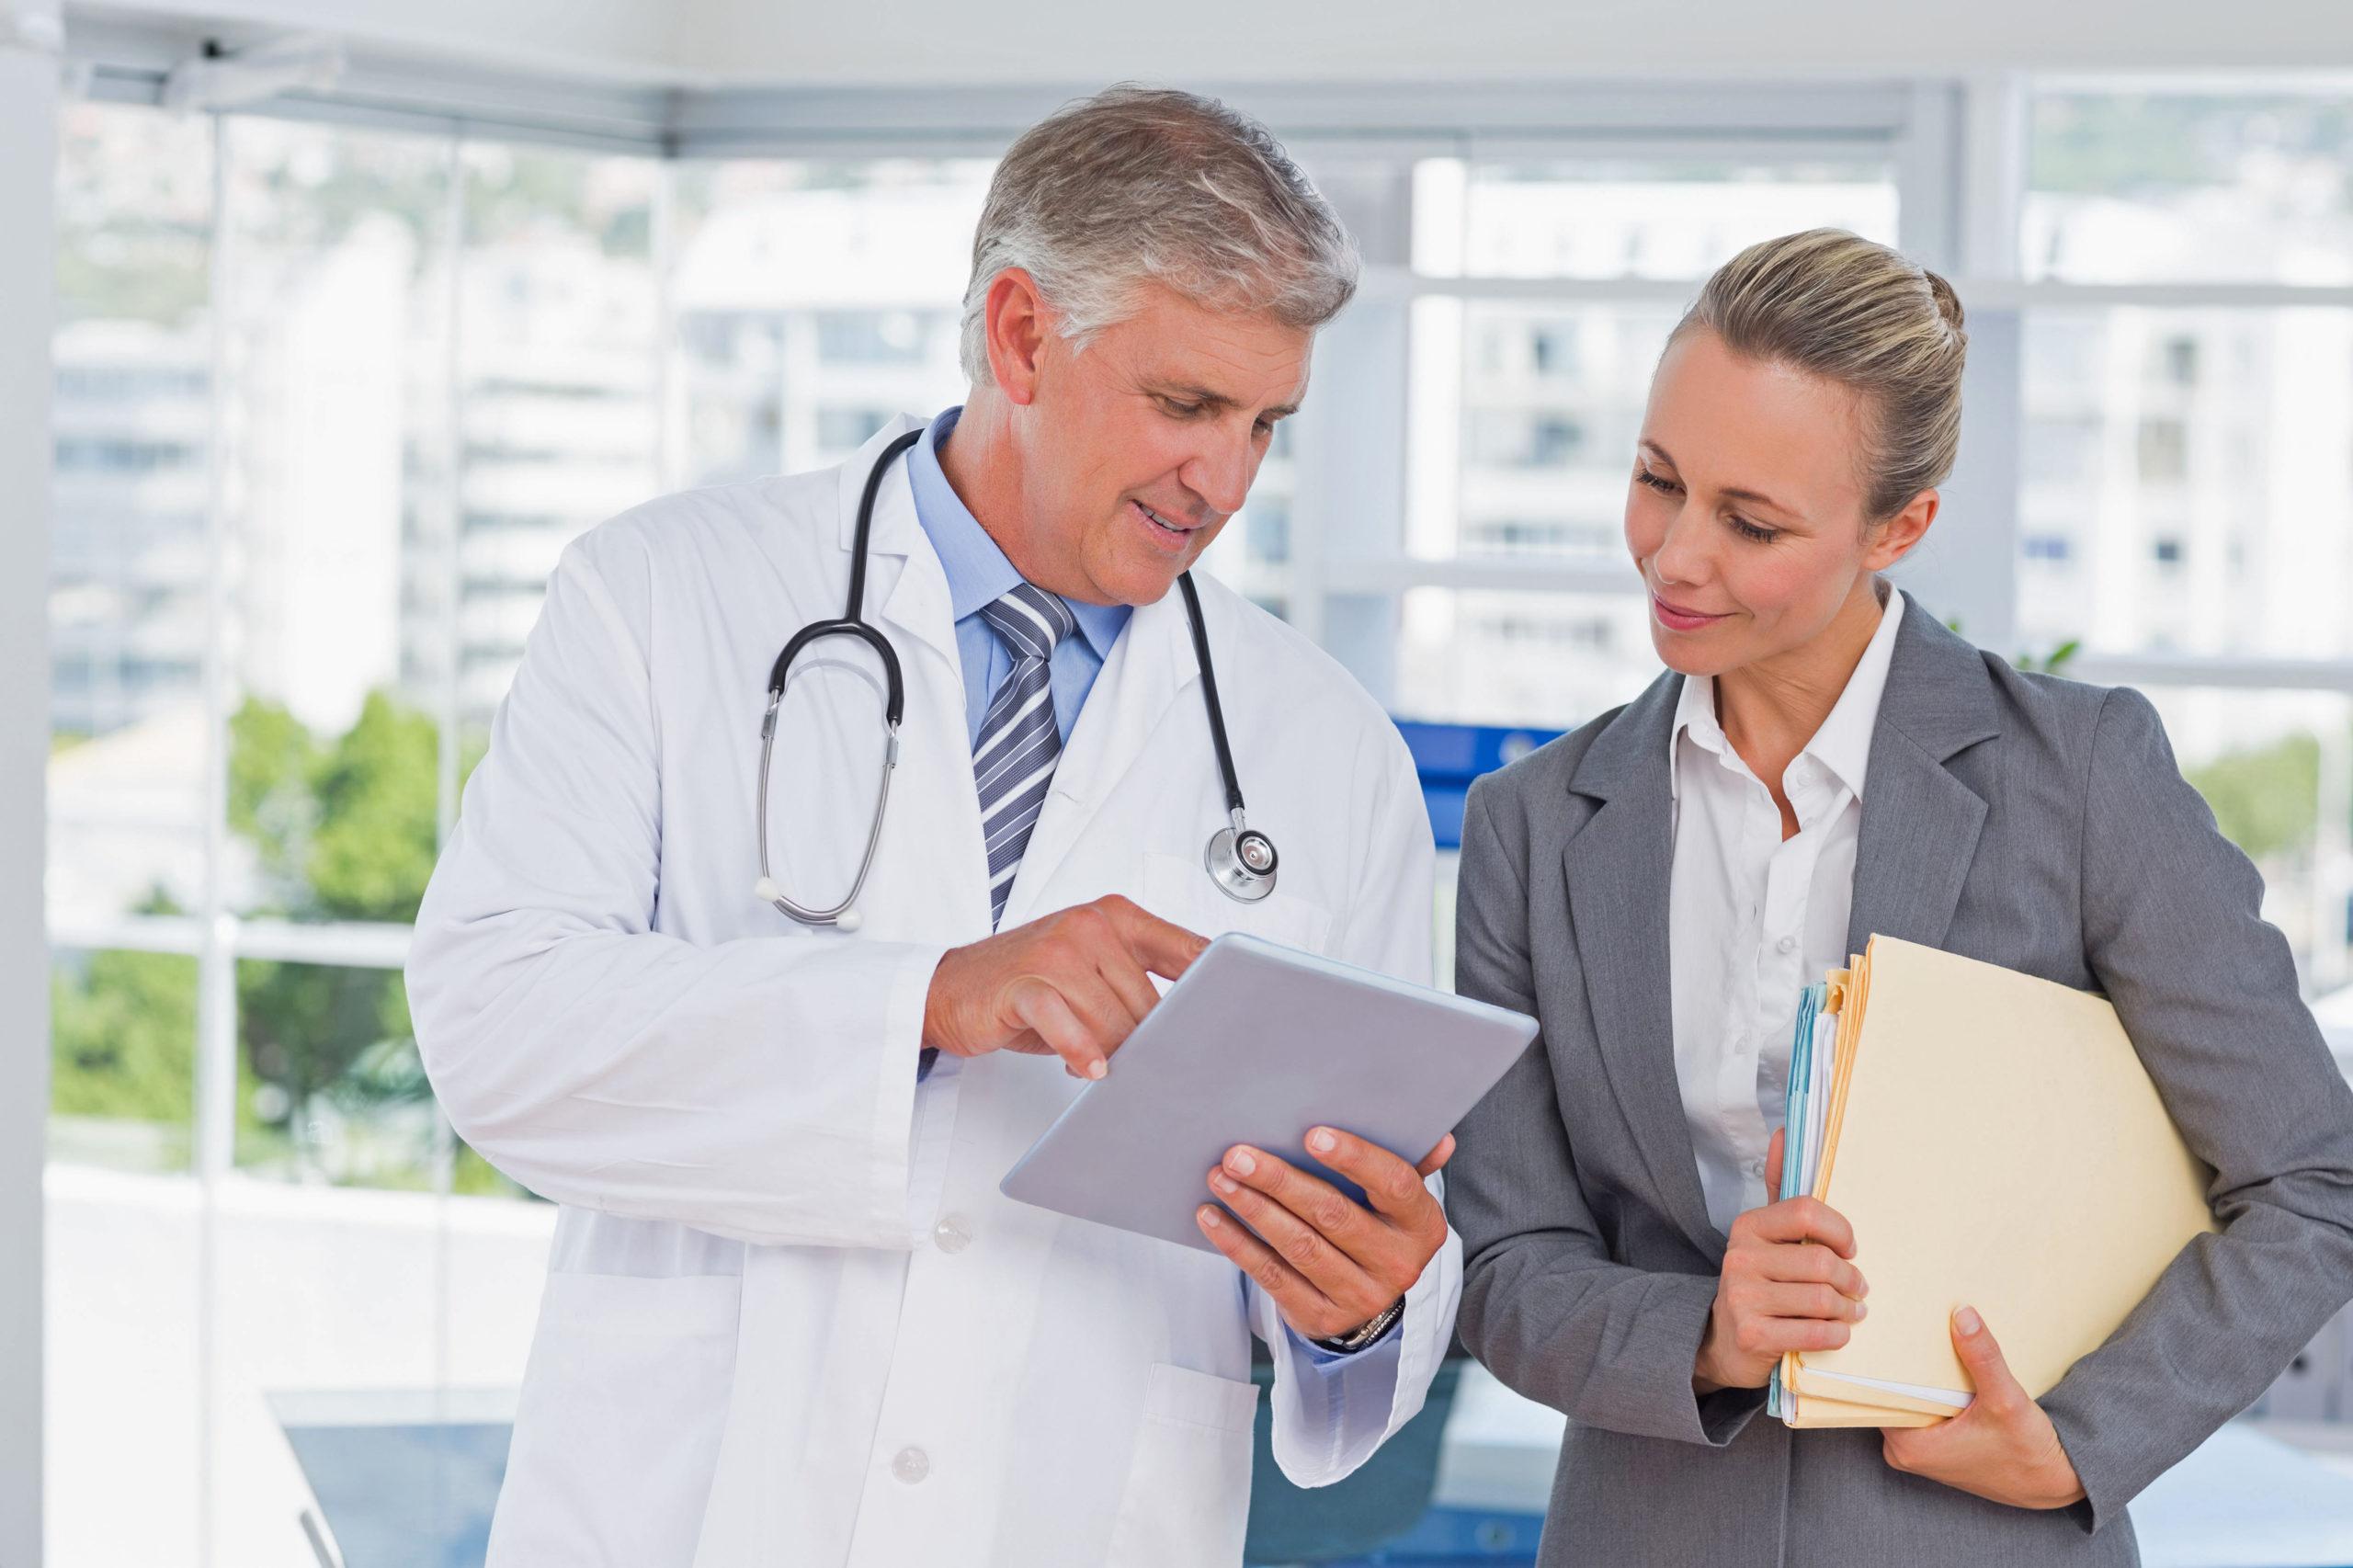 Der Arzt wird zum Gesundheitsmanager